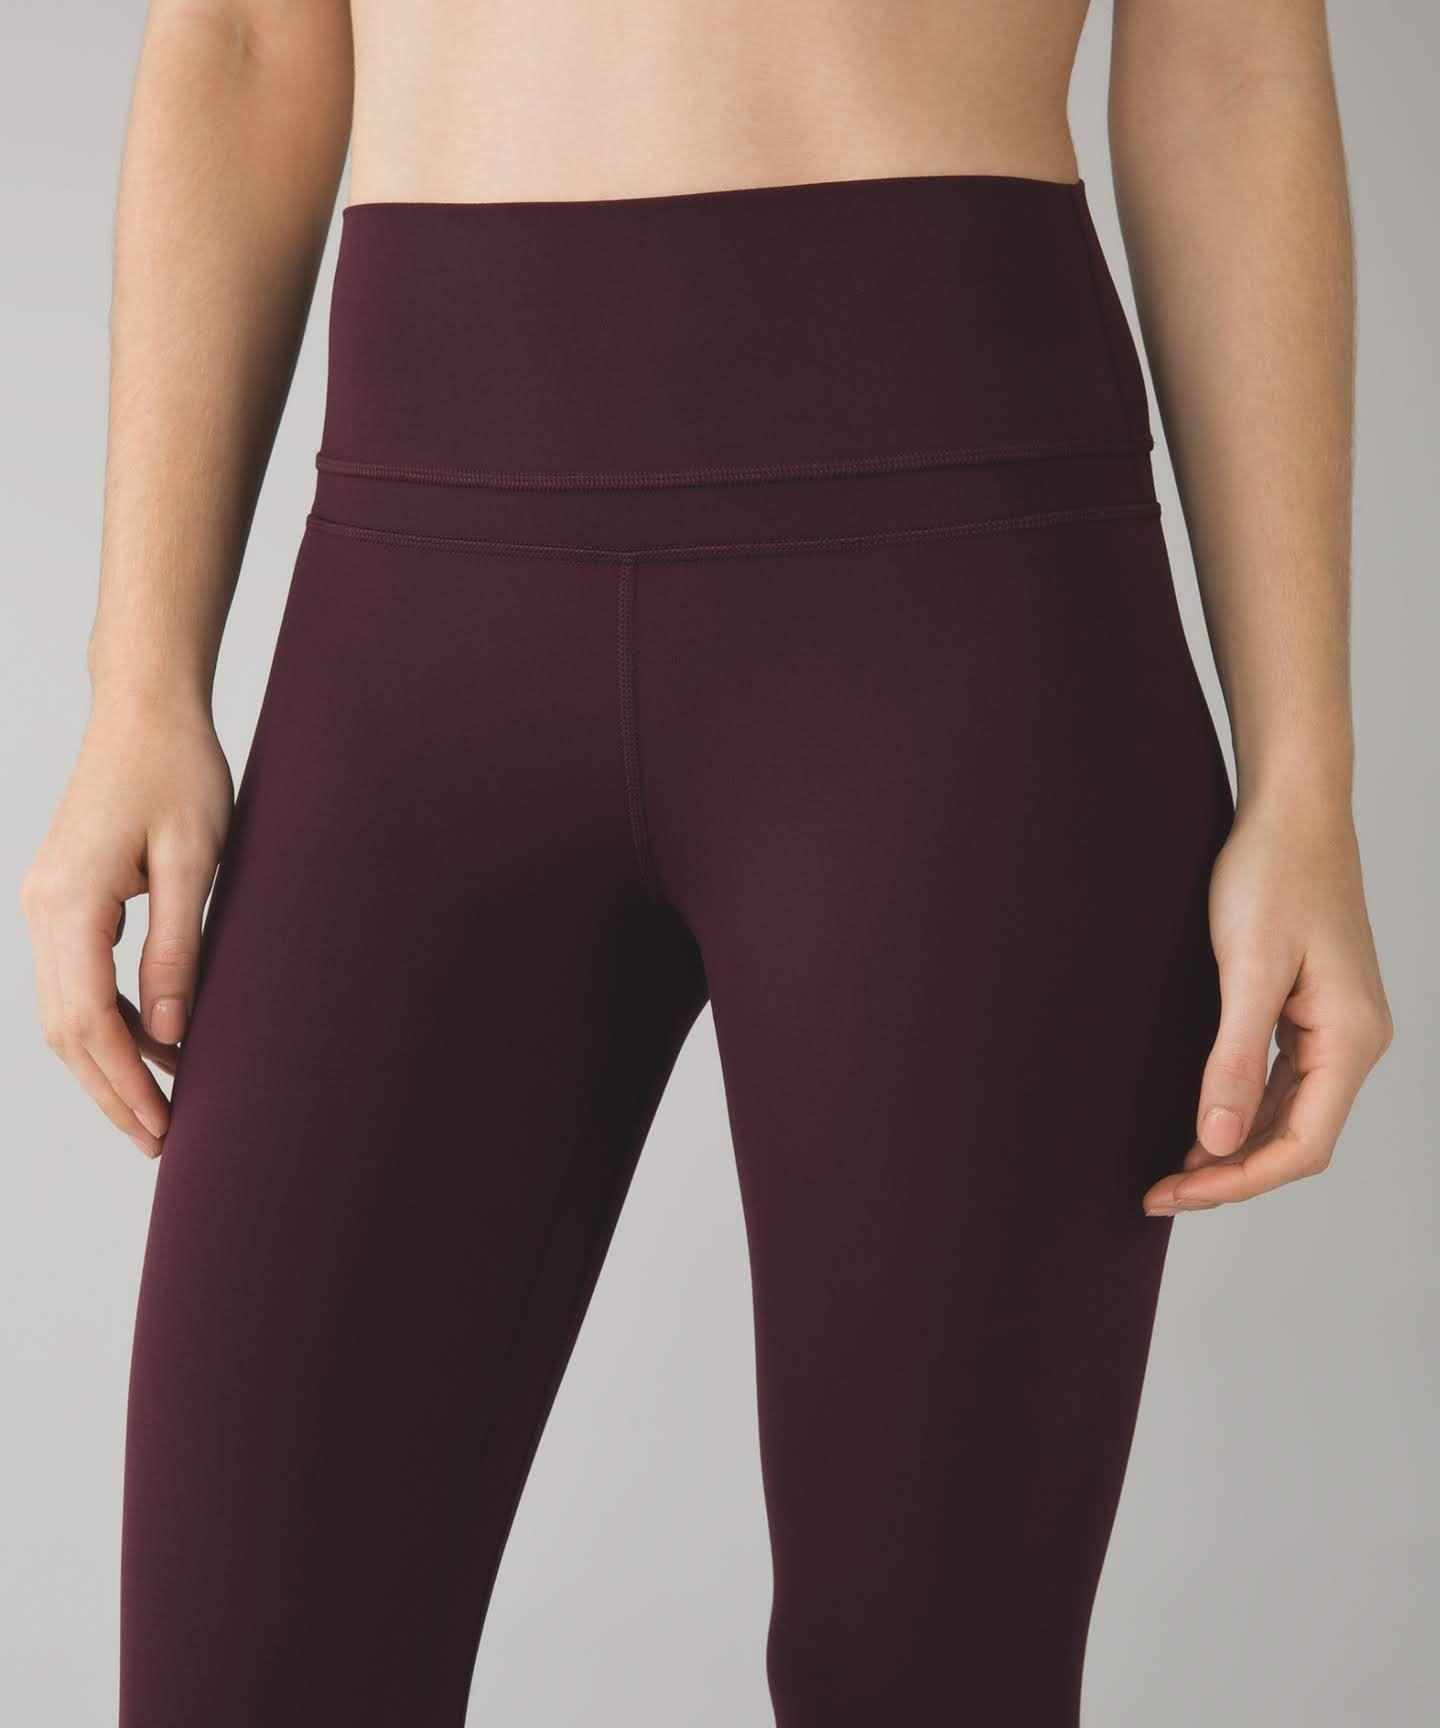 9f3ec8f5abced Align Pant - Bordeaux Drama - Size 8 | Clothes | Pants, Lululemon ...